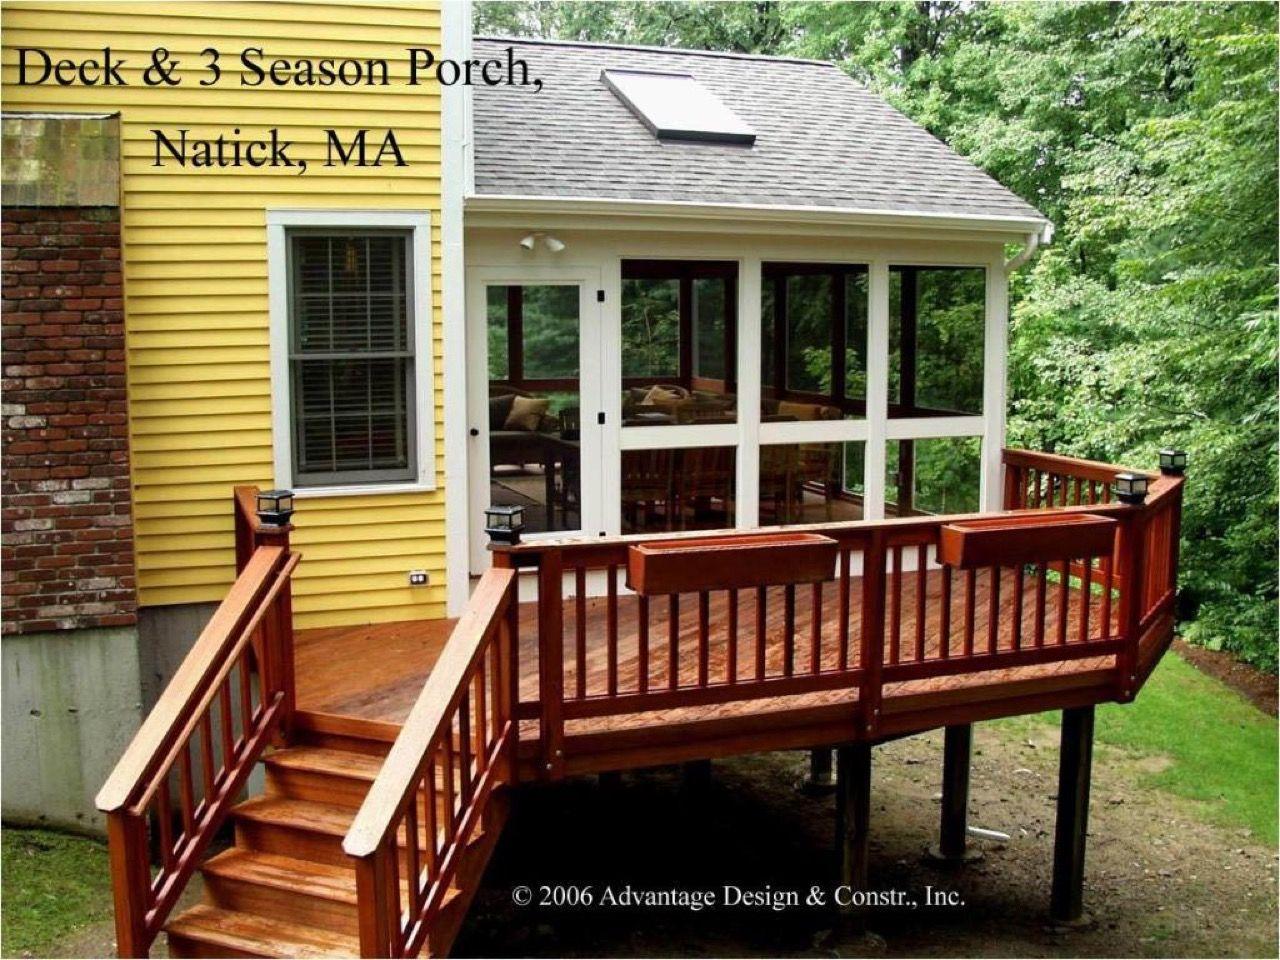 Gable Roof 3 Season Porch Deck Archadeck Outdoor Living Of Suburban Boston Three Season Porch House With Porch 3 Season Porch